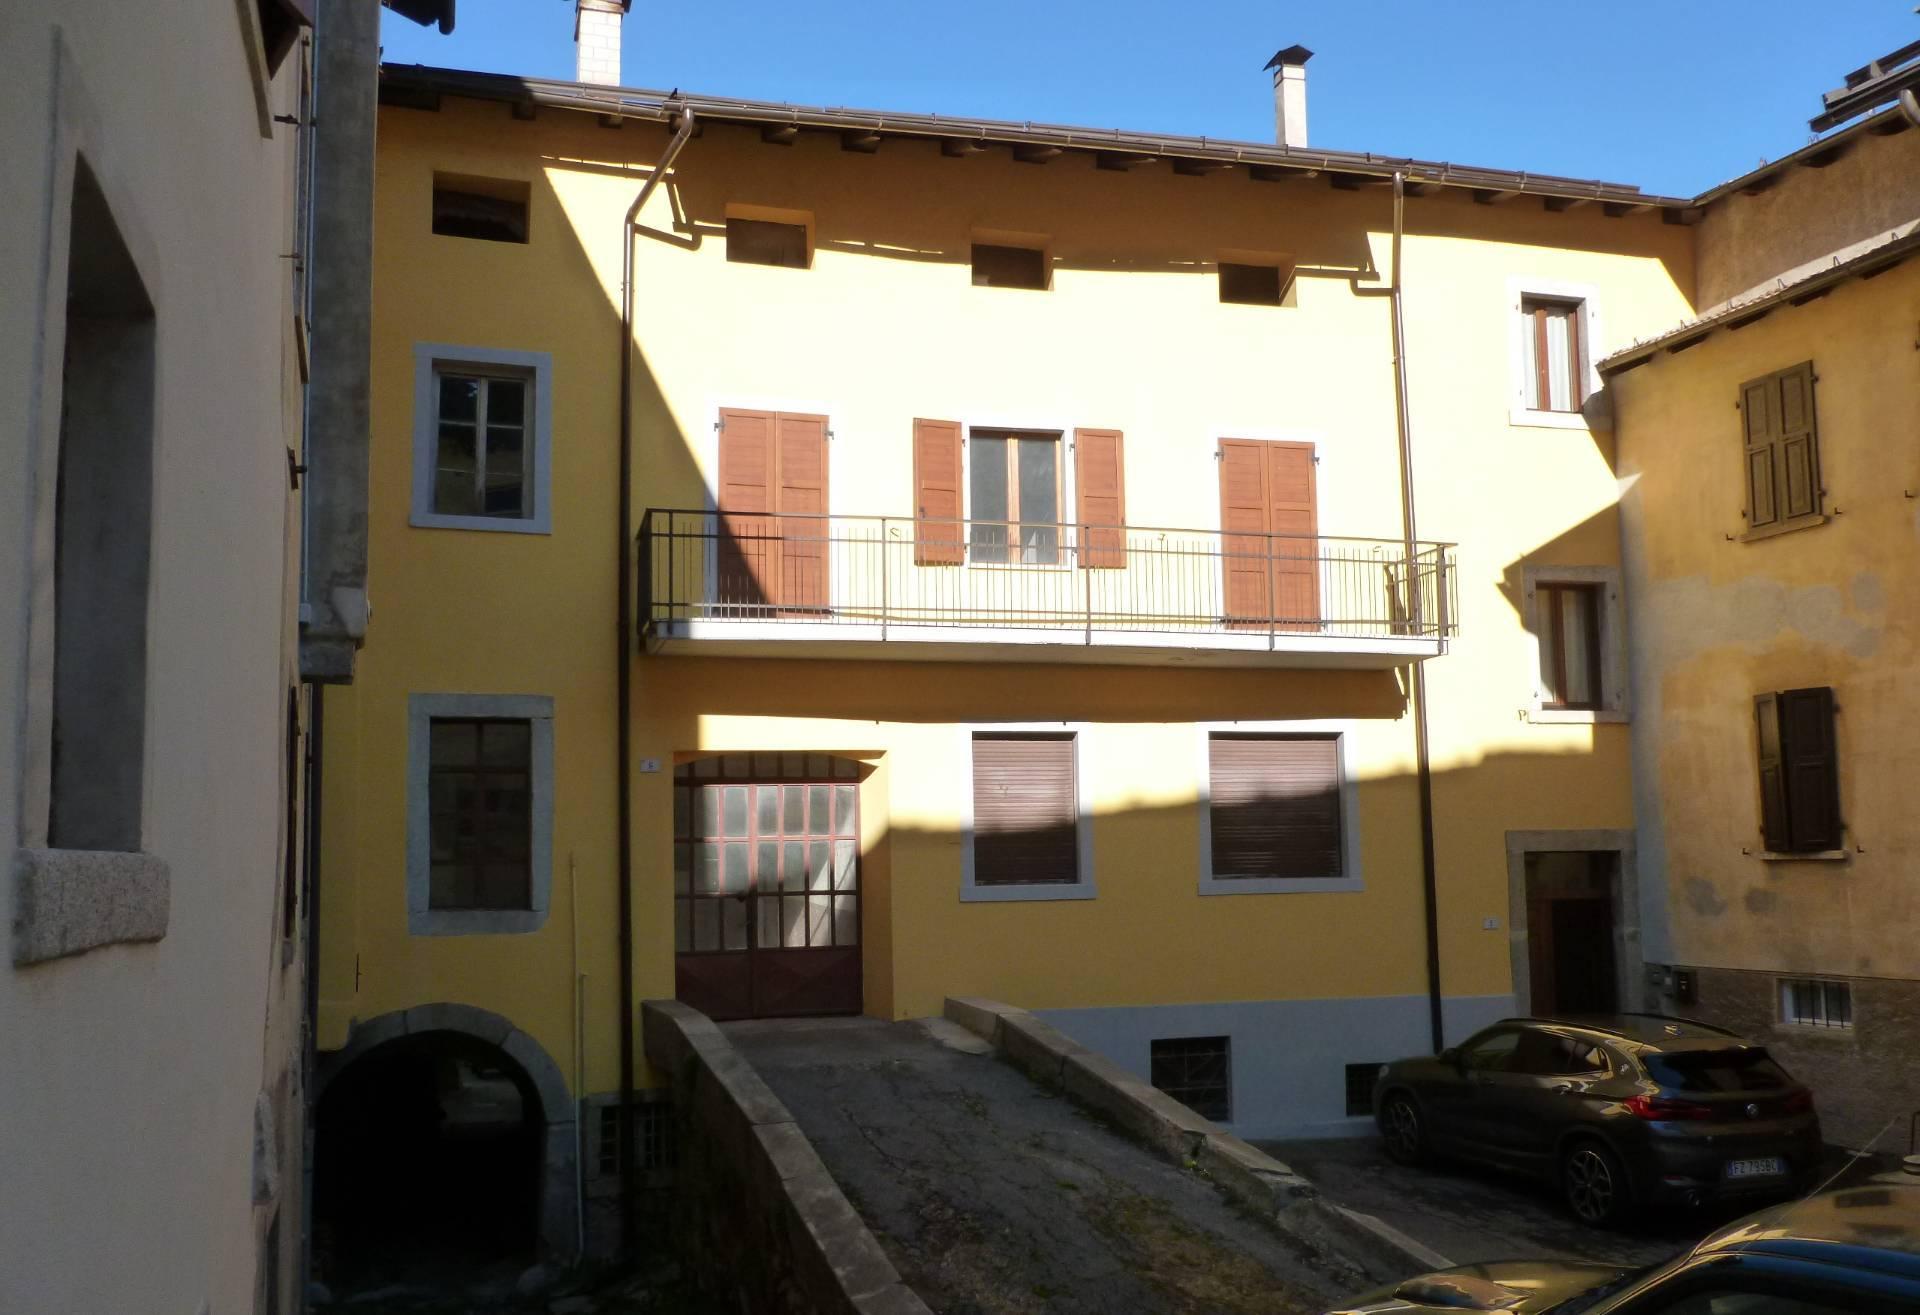 Appartamento in vendita a Tione di Trento, 4 locali, prezzo € 148.000 | CambioCasa.it